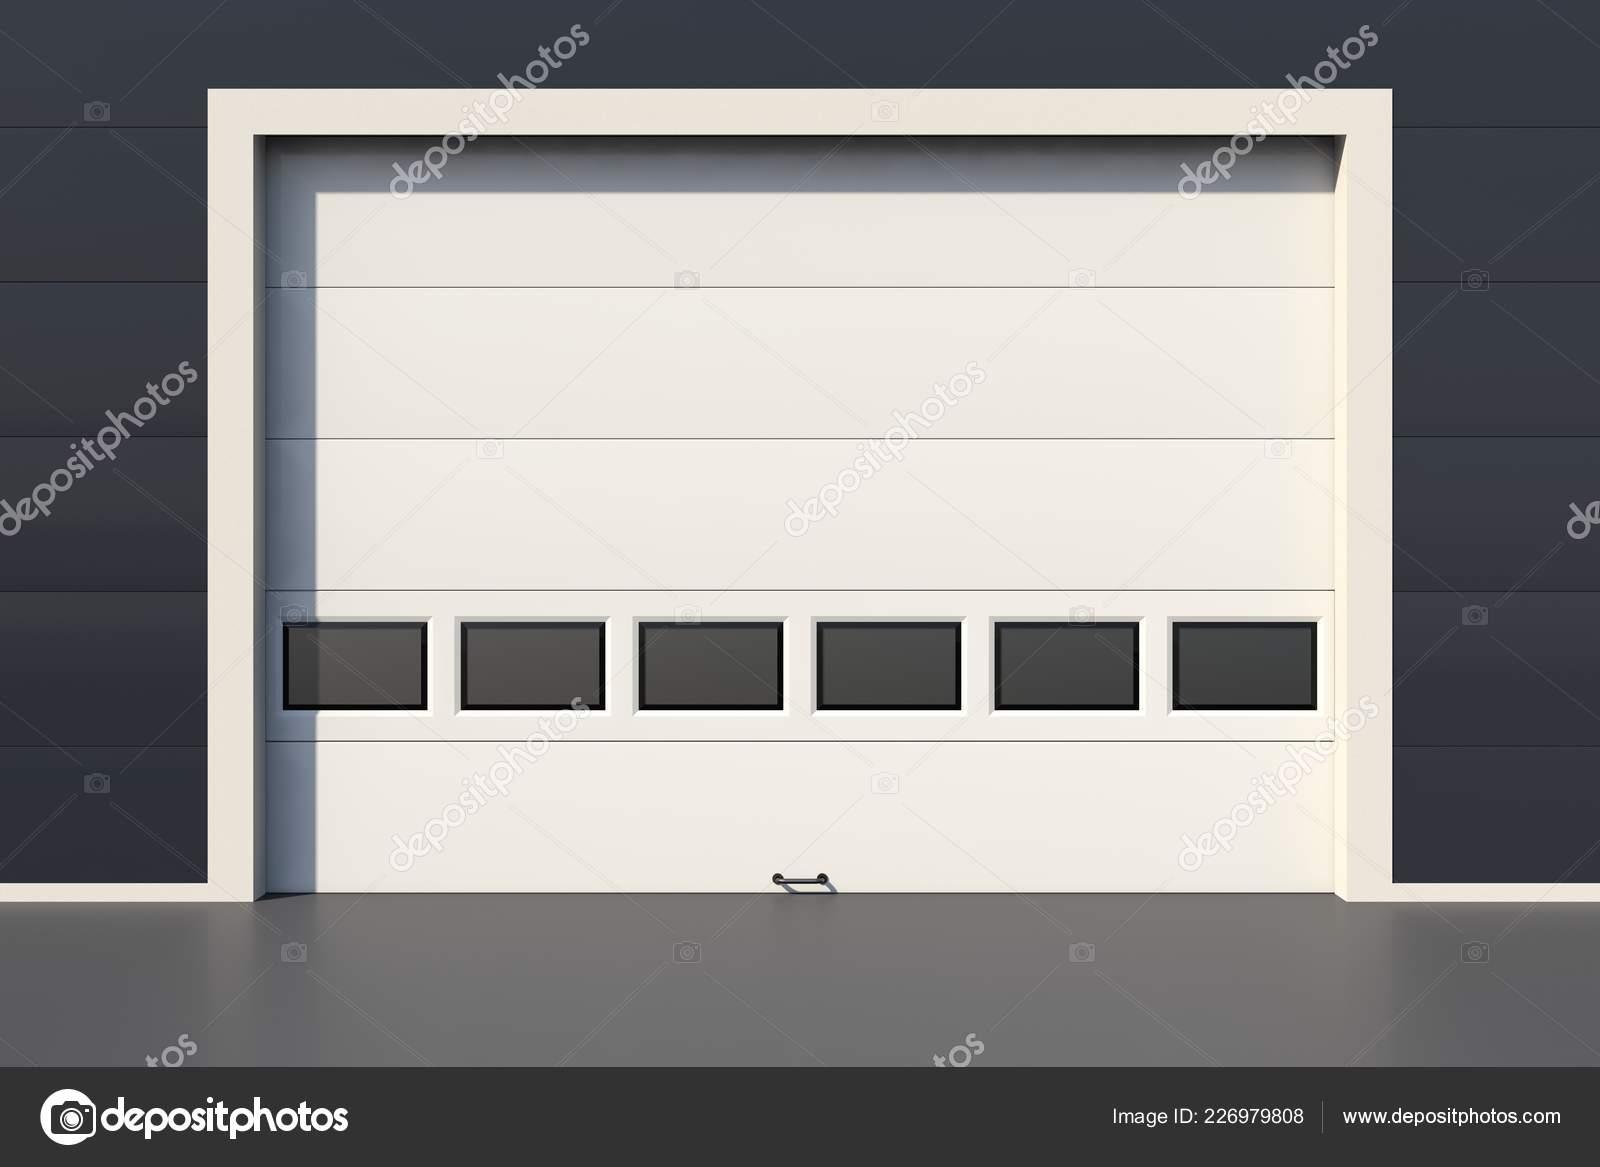 Pictures Garage Doors With Windows Sectional Industrial Door Windows White Garage Door Stock Photo C Conceptw 226979808